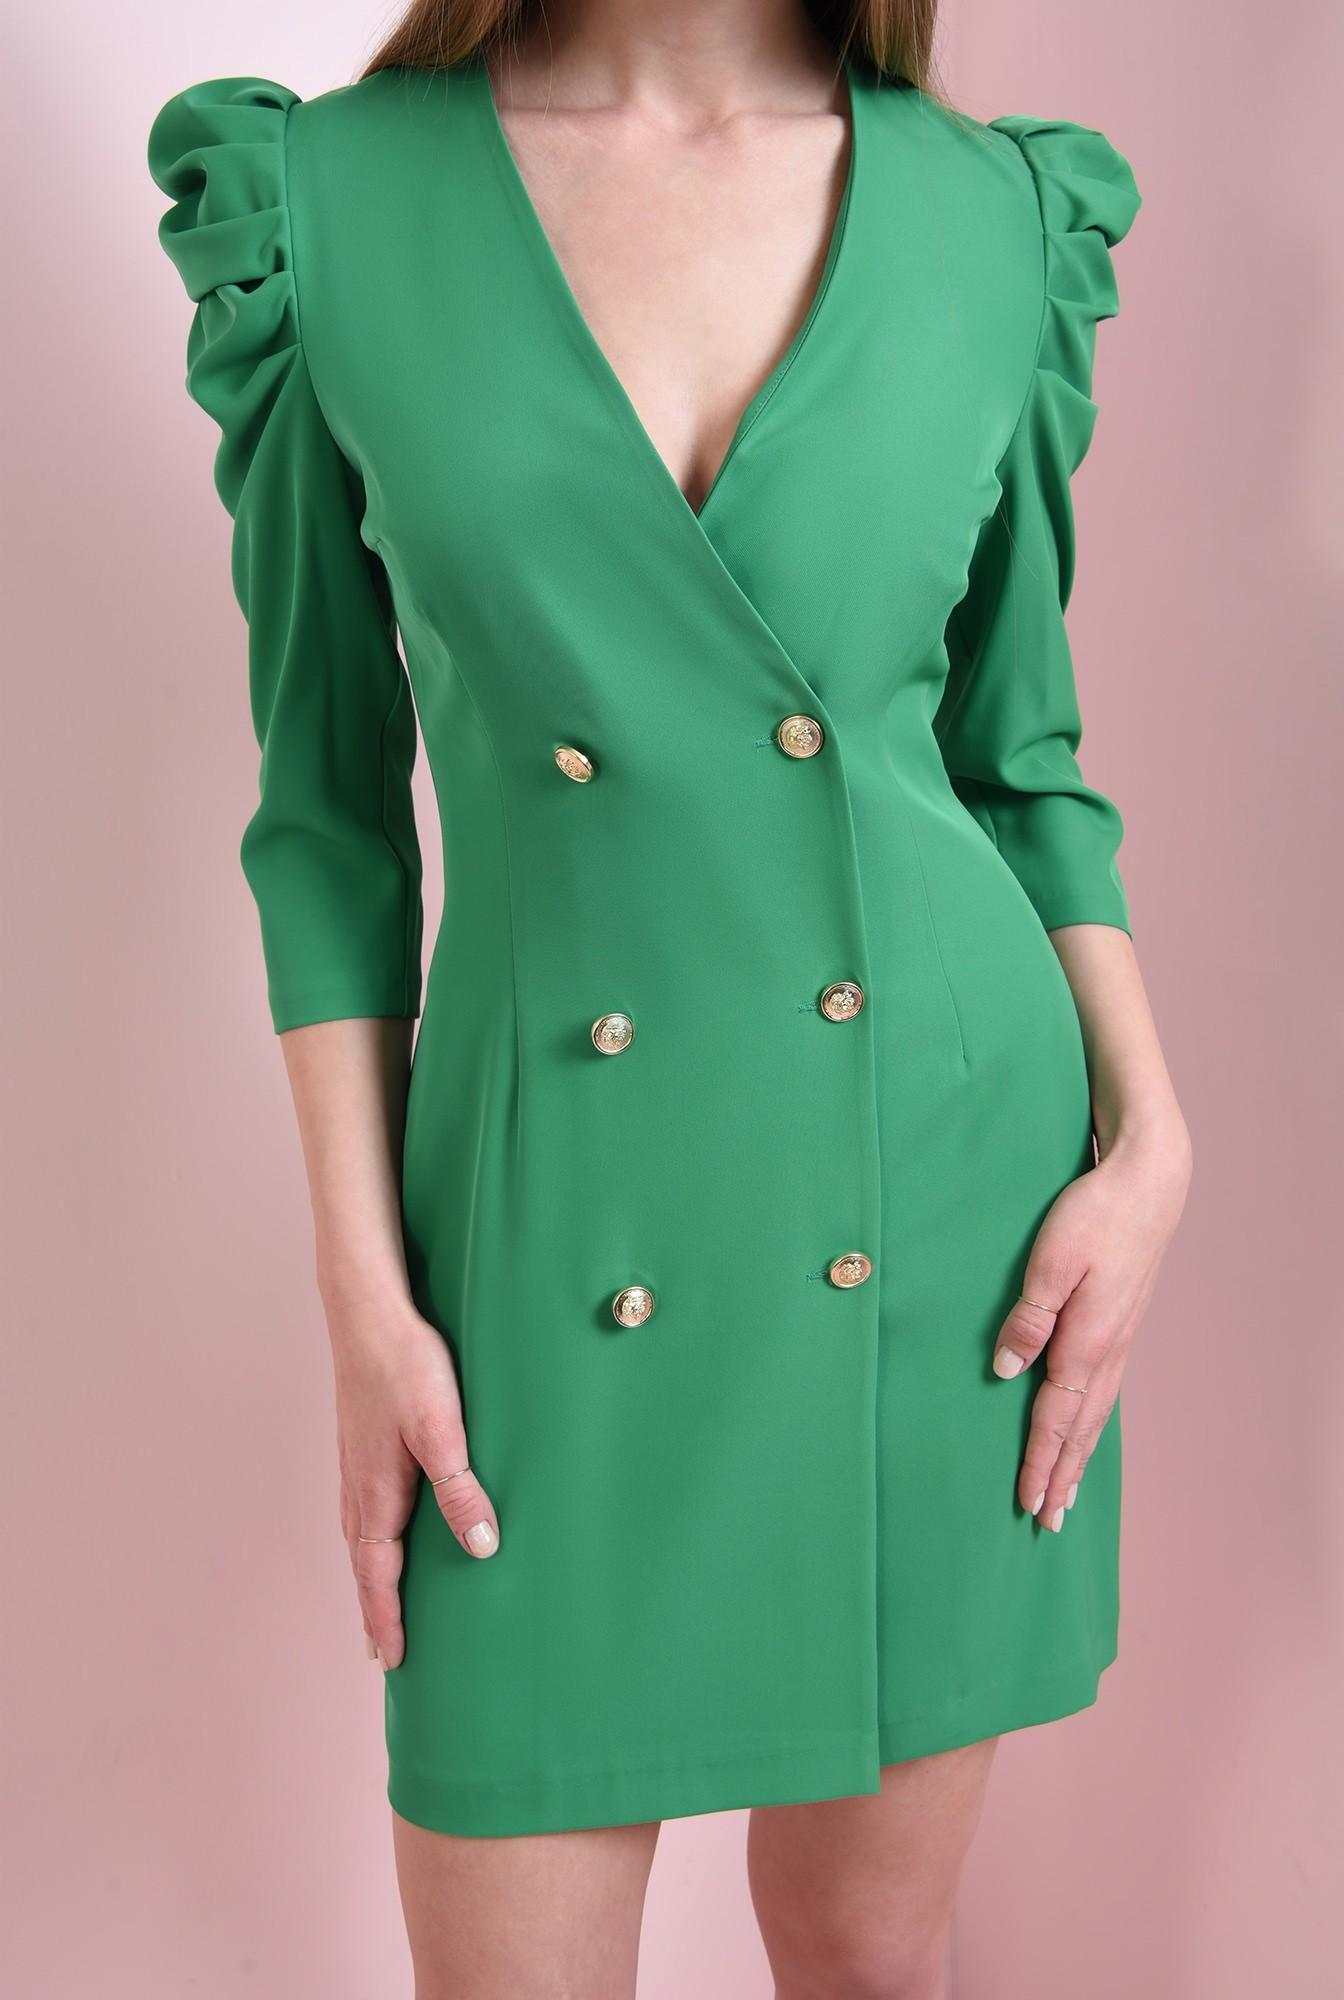 2 - rochie scurta, verde, Poema